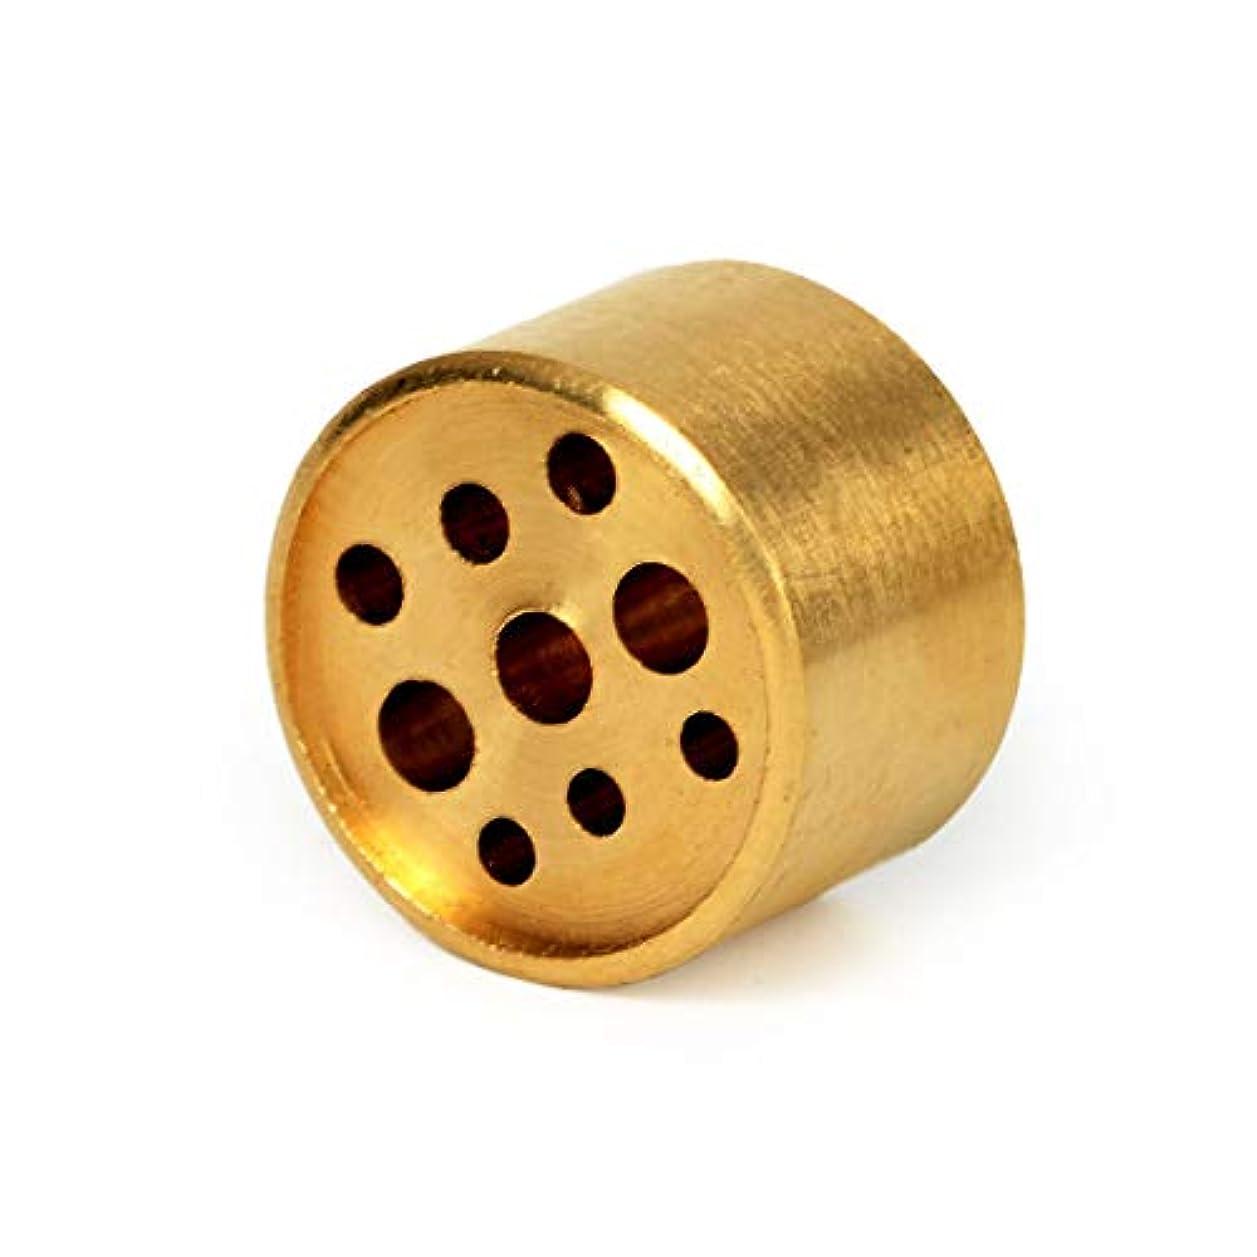 考え一口しばしばAFZSHG 純銅 9穴 小さなお香スティックホルダー 色あせなし 1.2オンス (34g)